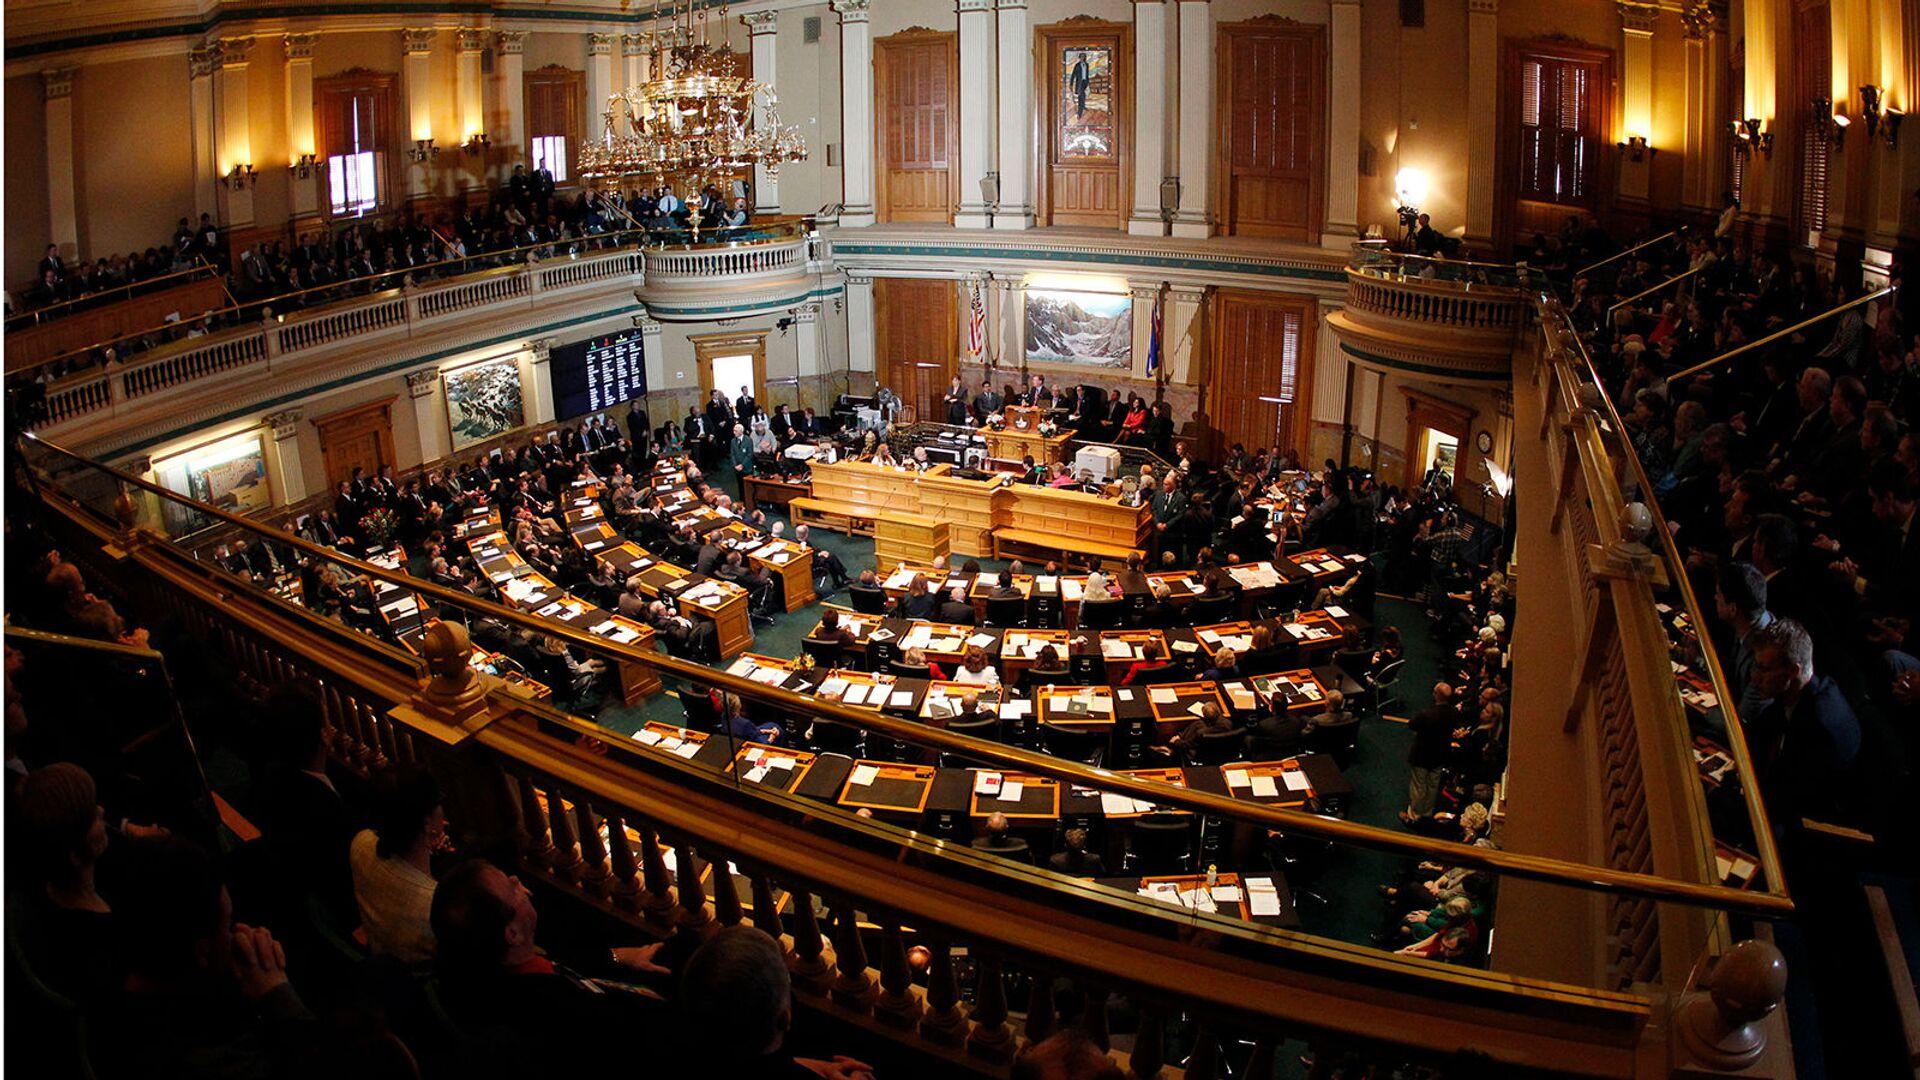 Губернатор штата Колорадо Джон Хикенлупер произносит ежегодную речь о состоянии штата перед совместной сессией Законодательного собрания штата Колорадо (10 января 2013). Денвер - Sputnik Армения, 1920, 23.09.2021